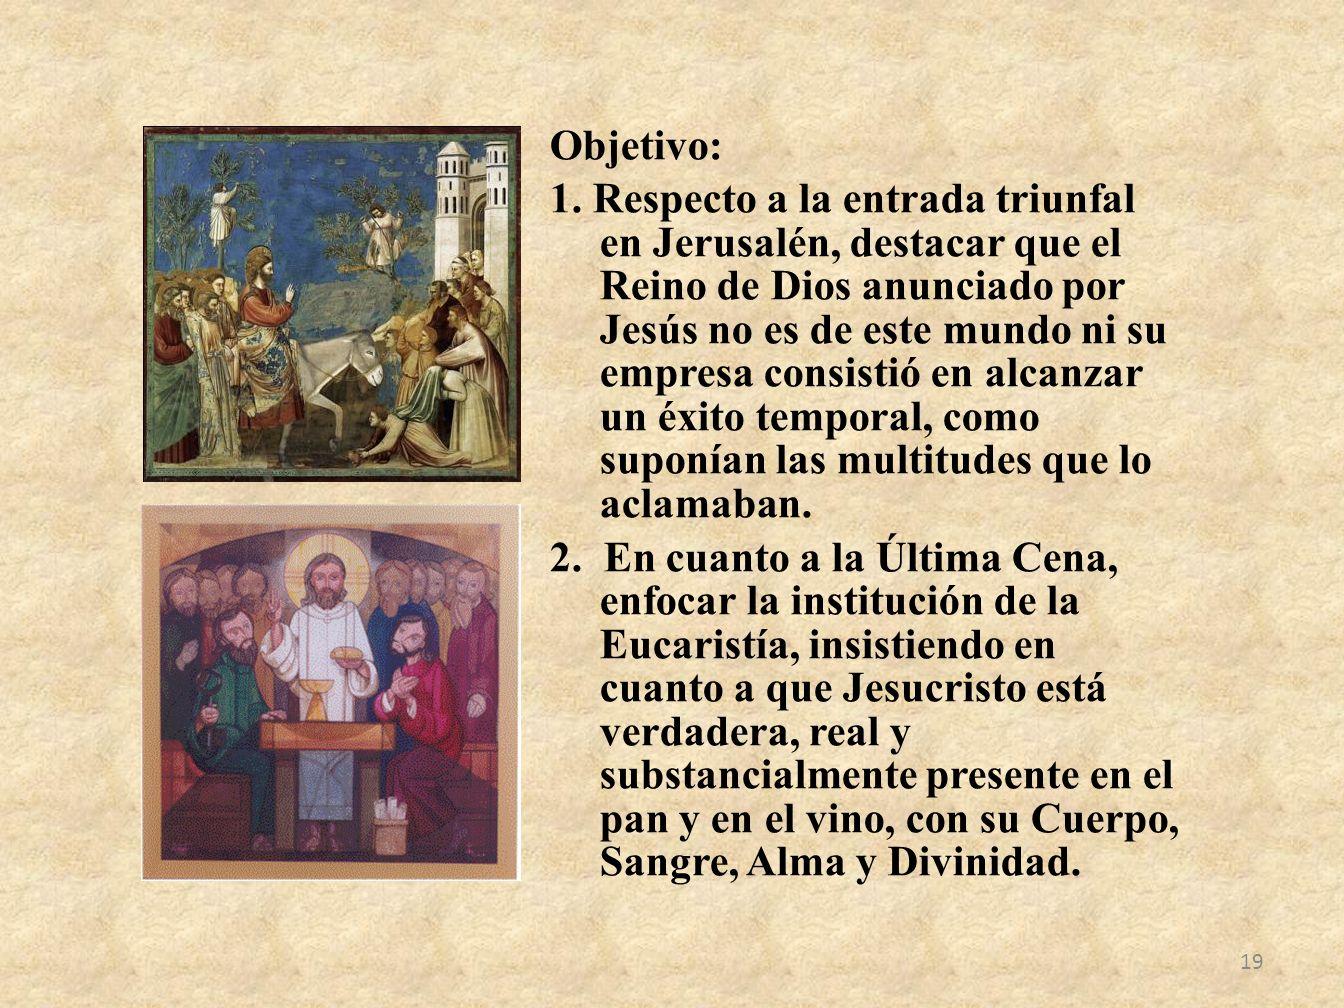 Objetivo: 1. Respecto a la entrada triunfal en Jerusalén, destacar que el Reino de Dios anunciado por Jesús no es de este mundo ni su empresa consisti